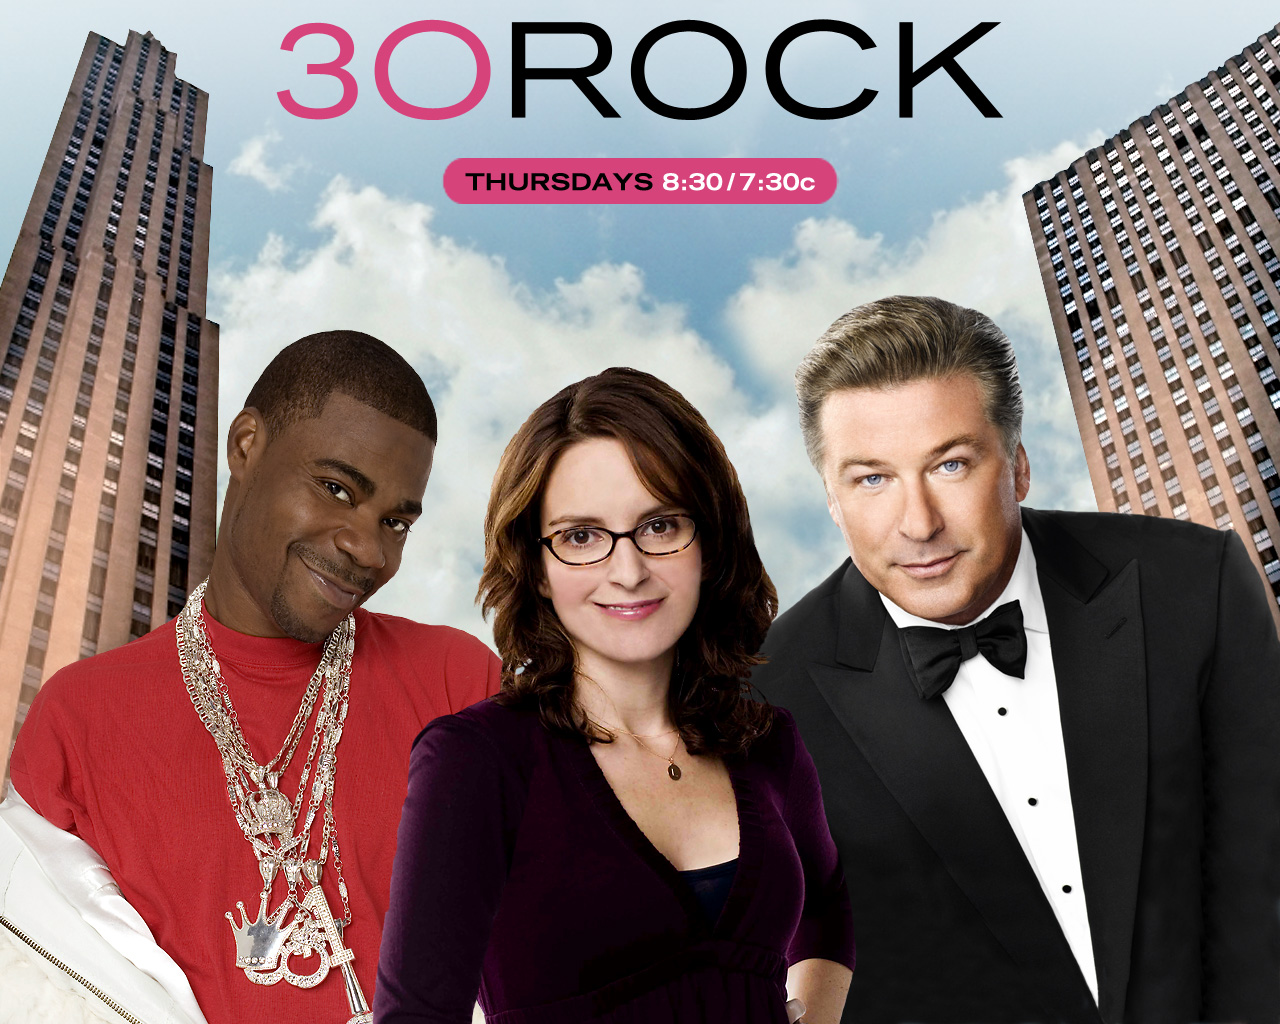 30 rock season 7 episode 4 télécharger